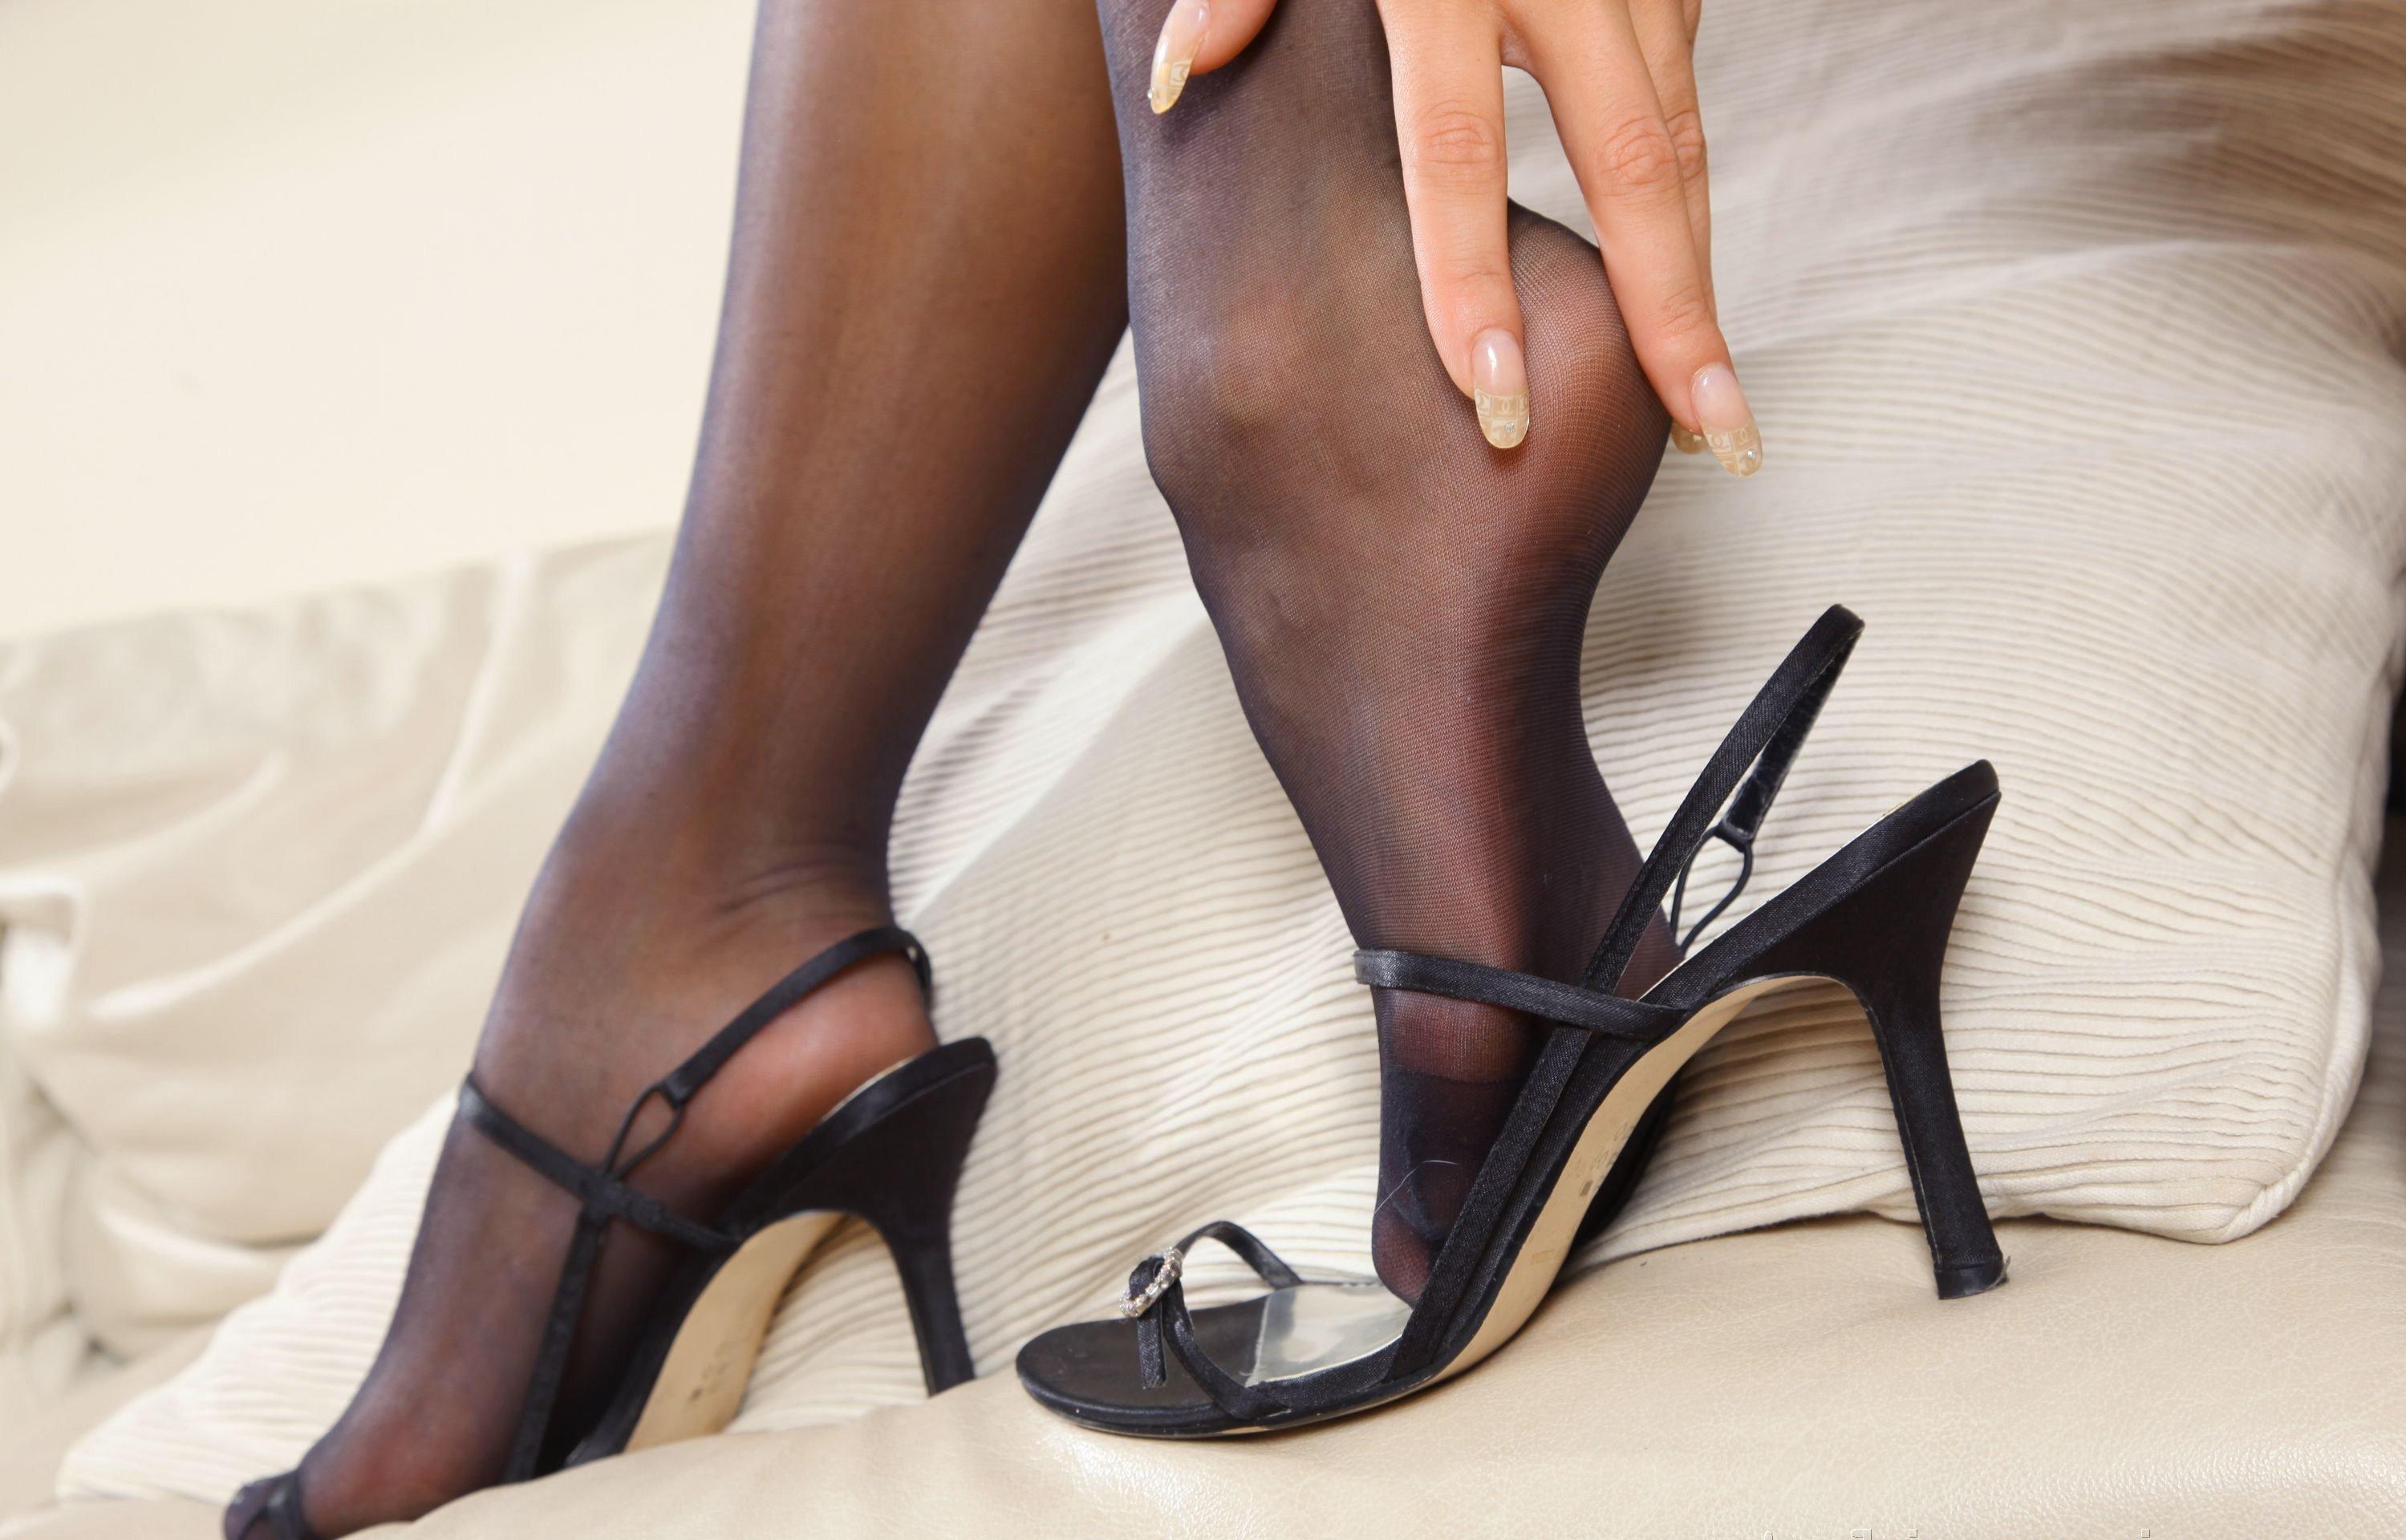 Фото в колготках и туфлях 2 фотография